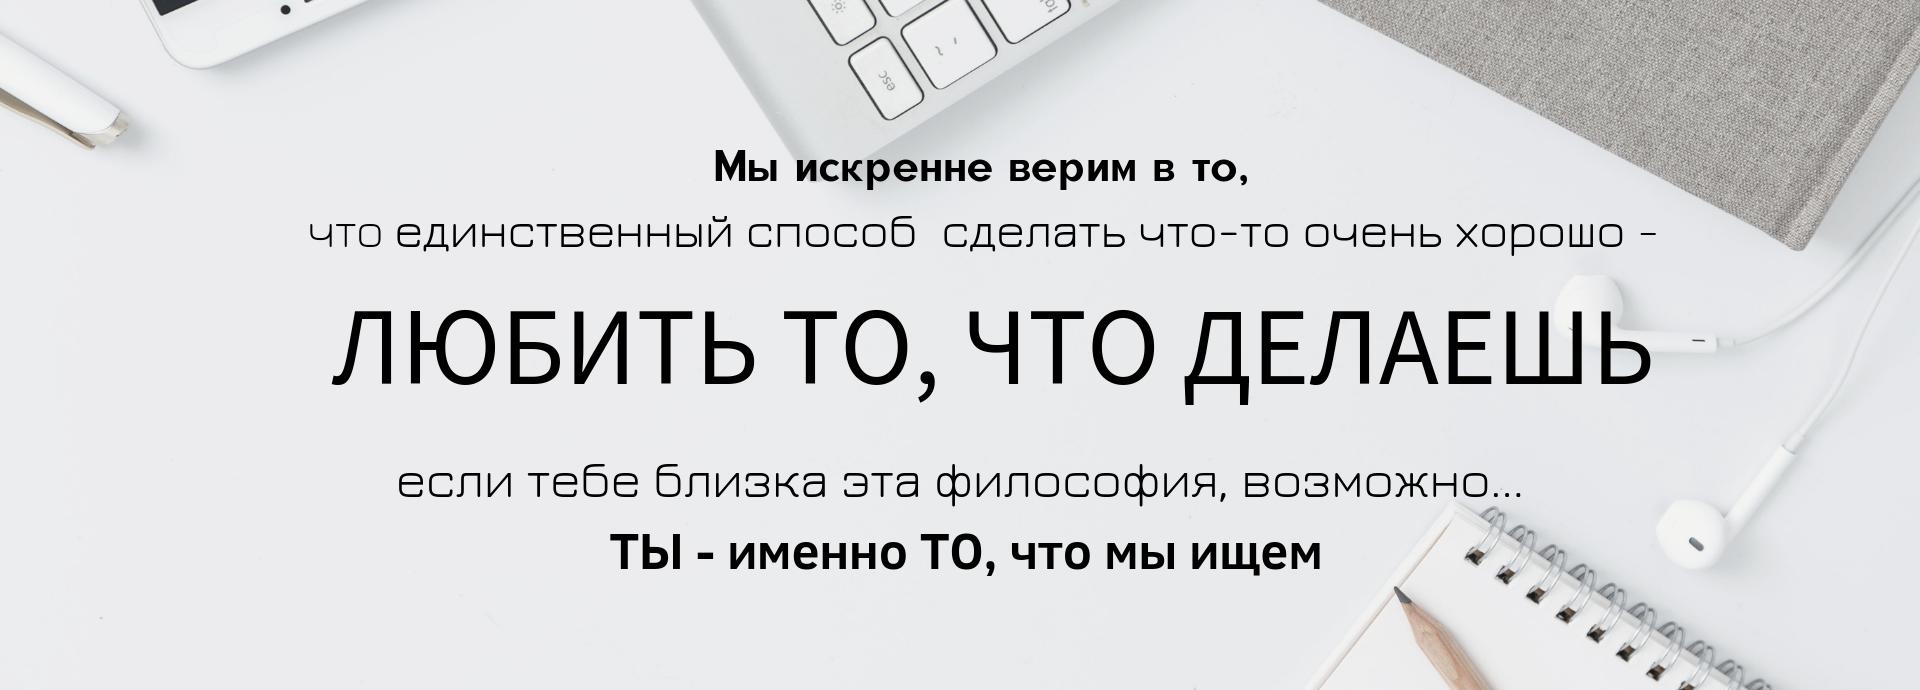 открытые вакансии в компании EgoParfum